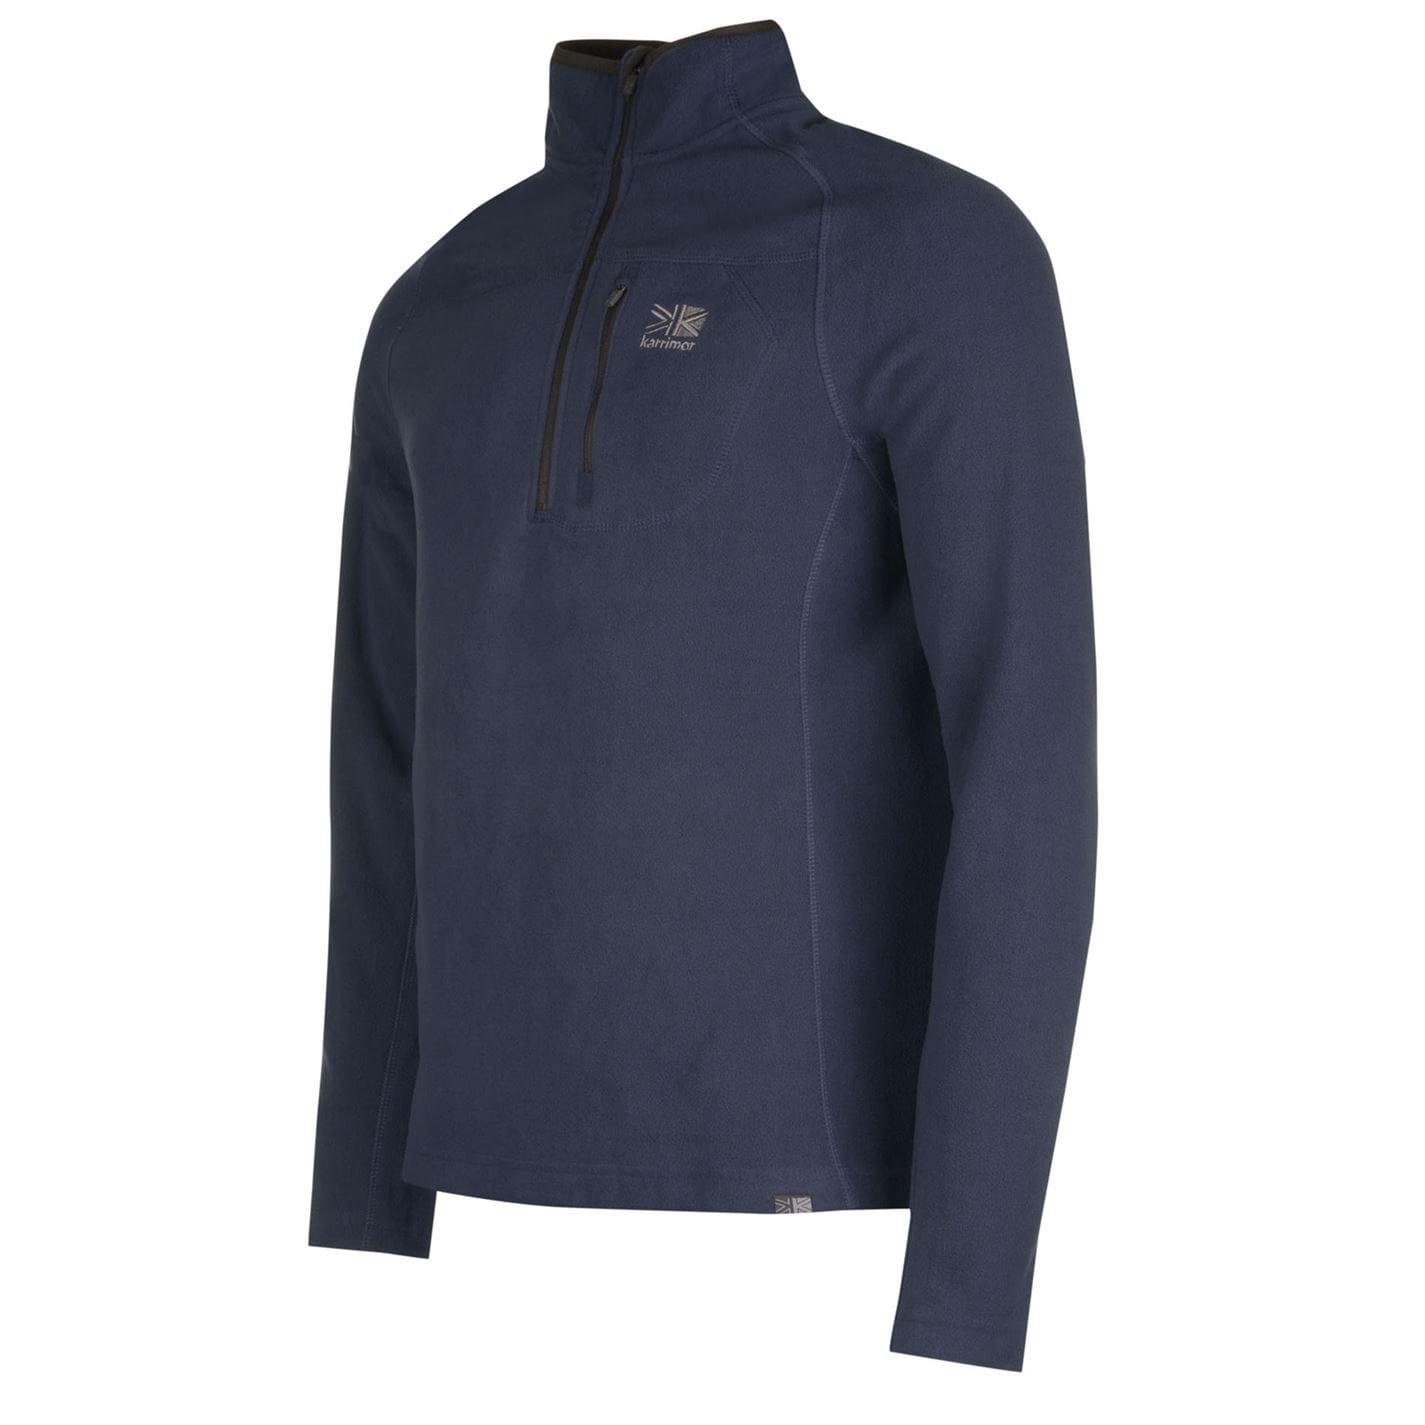 Ks200 Micro Fleece bis zu 70 % | AFOUND